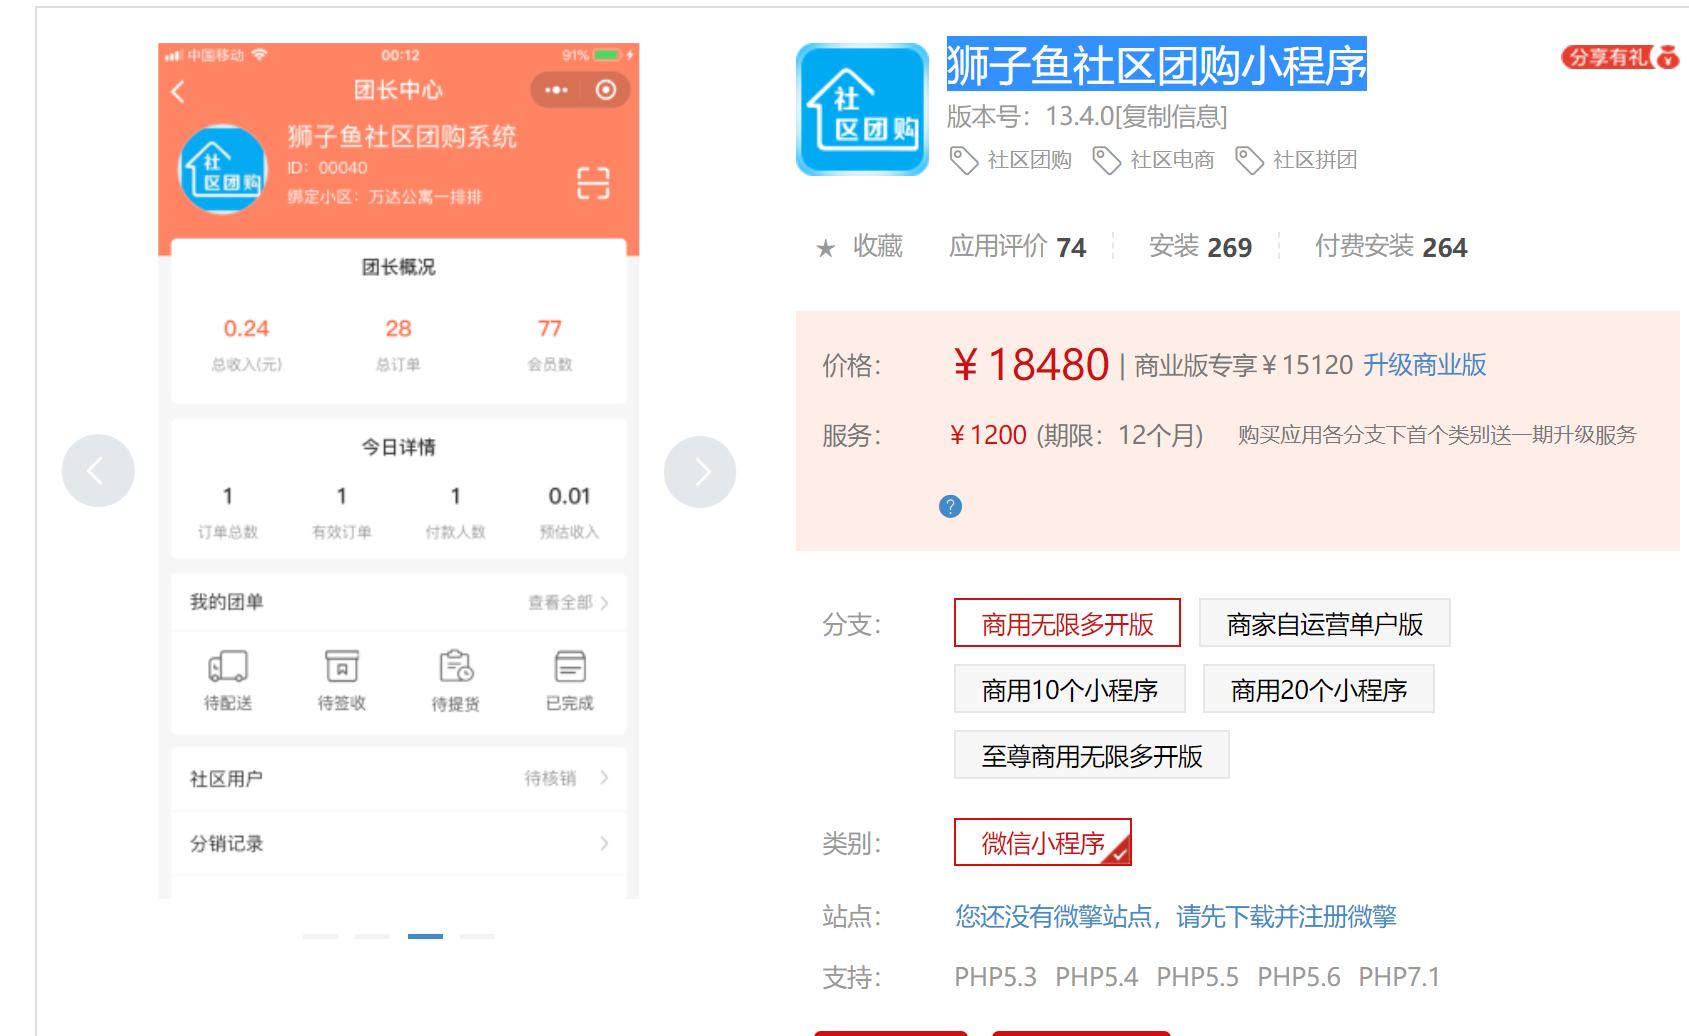 【更新】微擎狮子鱼社区团购小程序v13.5.1最新版